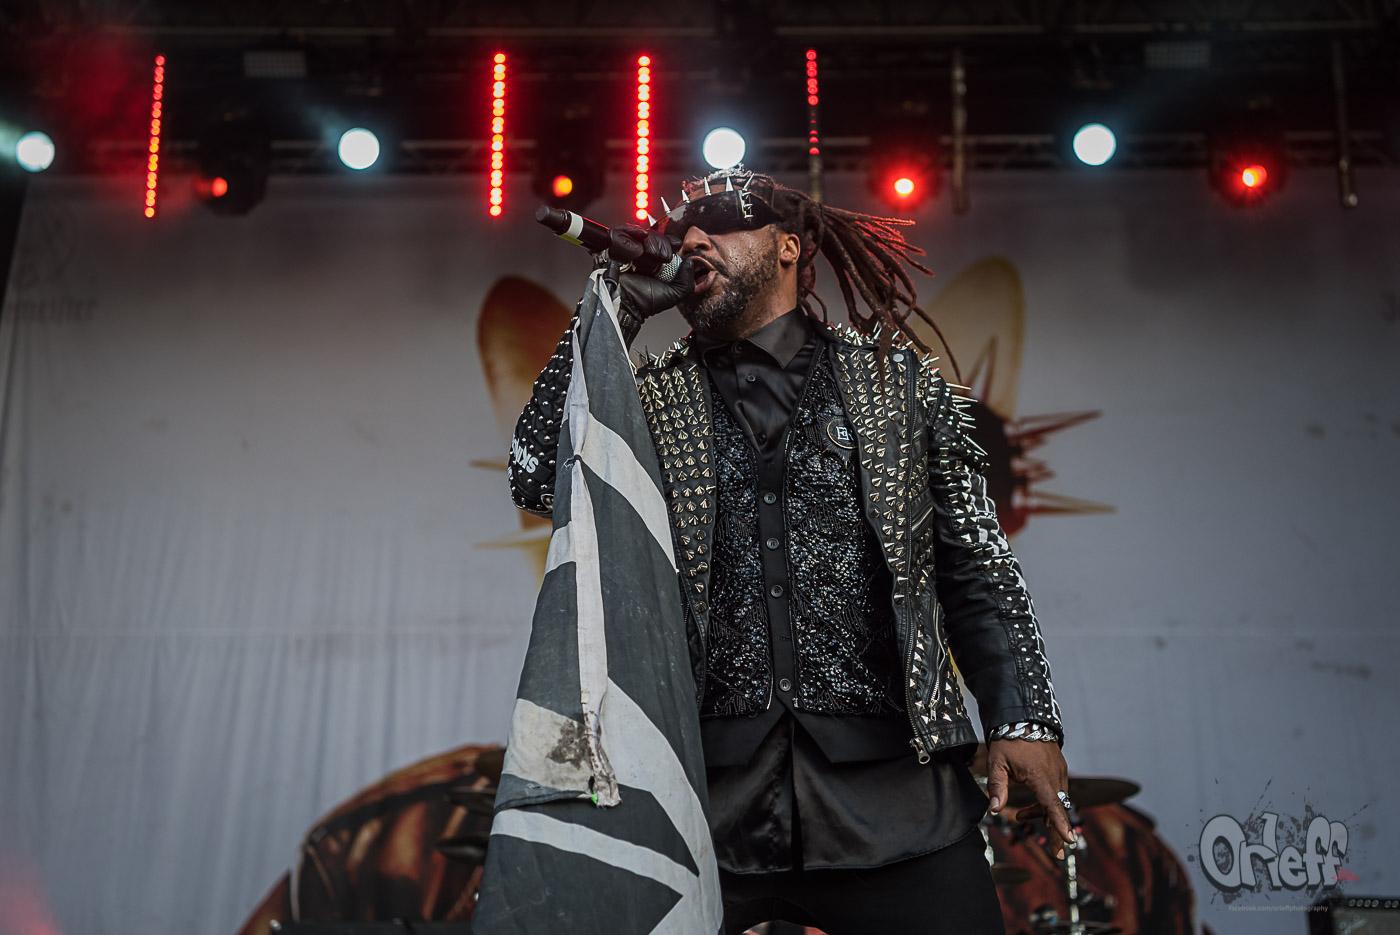 Skindred @ INmusic festival, 2019